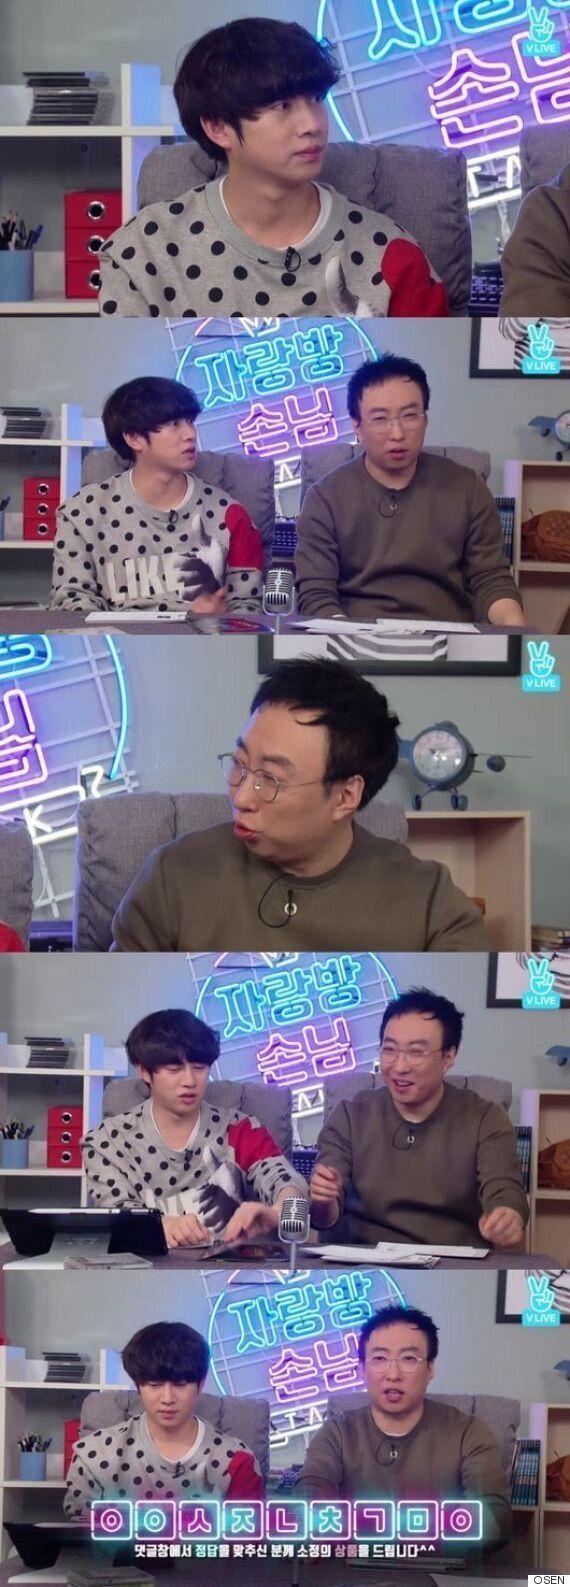 [어저께V] '자랑방손님' 박명수X김희철, 아슬아슬 이 조합 정규